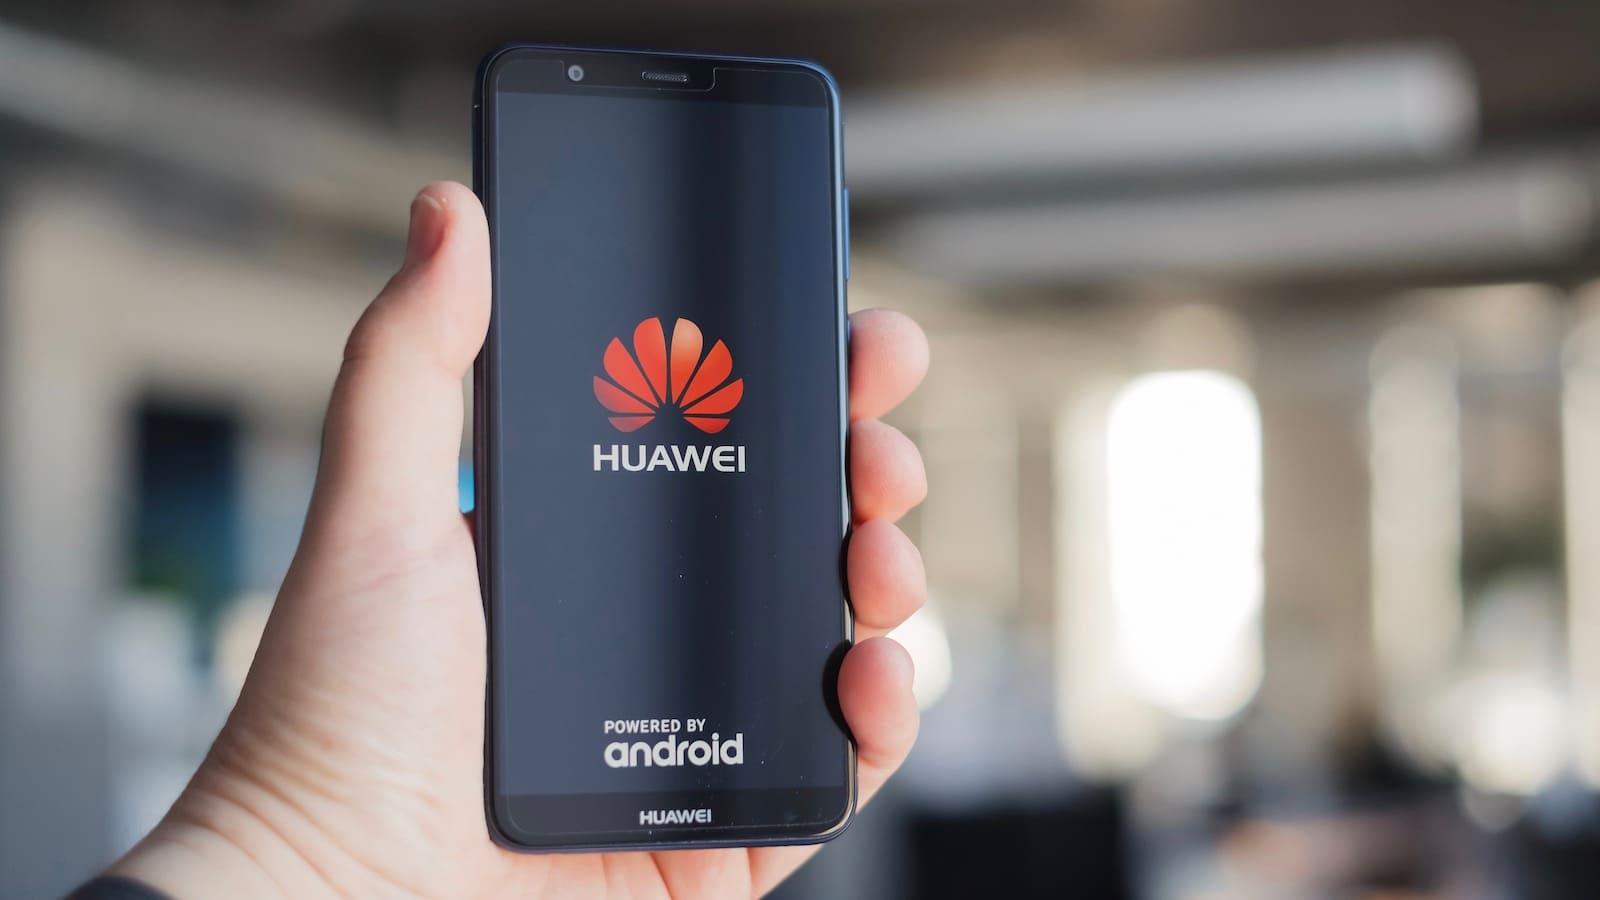 هواوي ليست من بين الخمسة الأوائل في سوق الهواتف الذكية